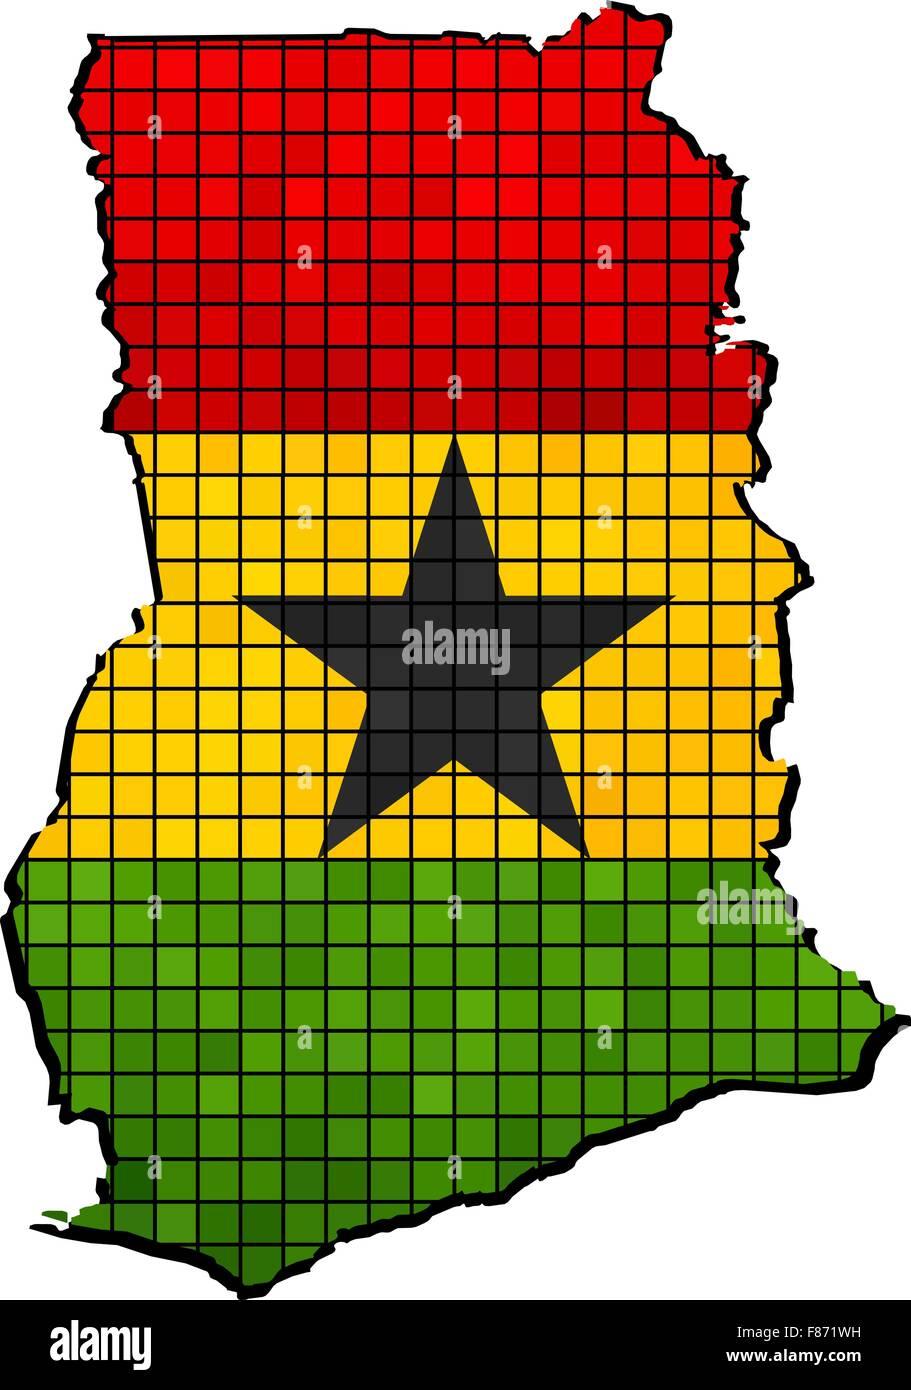 Ghana map with flag inside - Stock Vector